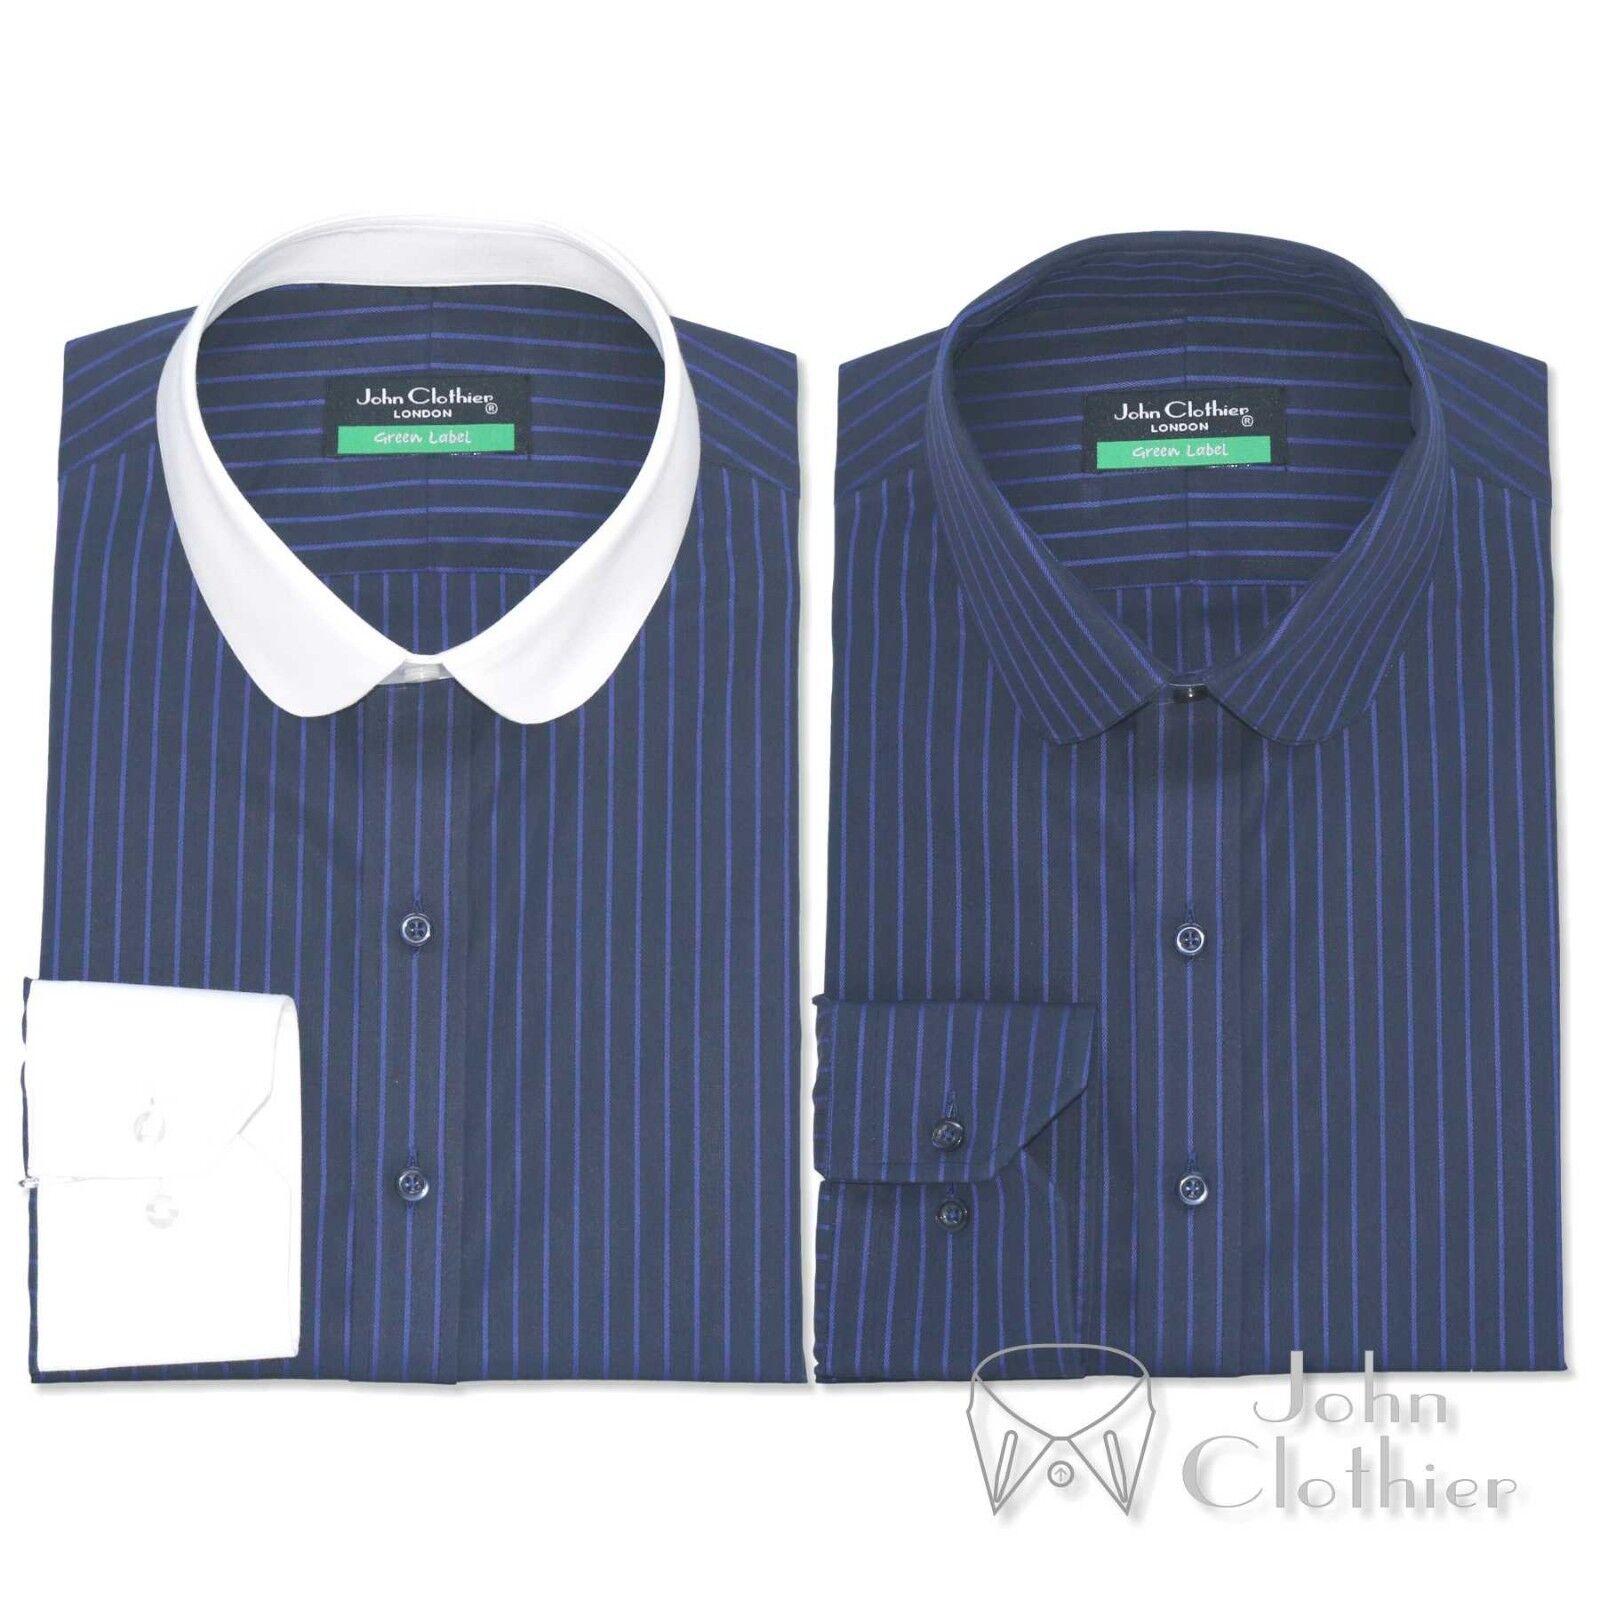 Penny Kragen Baumwolle Herren Shirt marineblau Streifen Bankier weiß Club rund